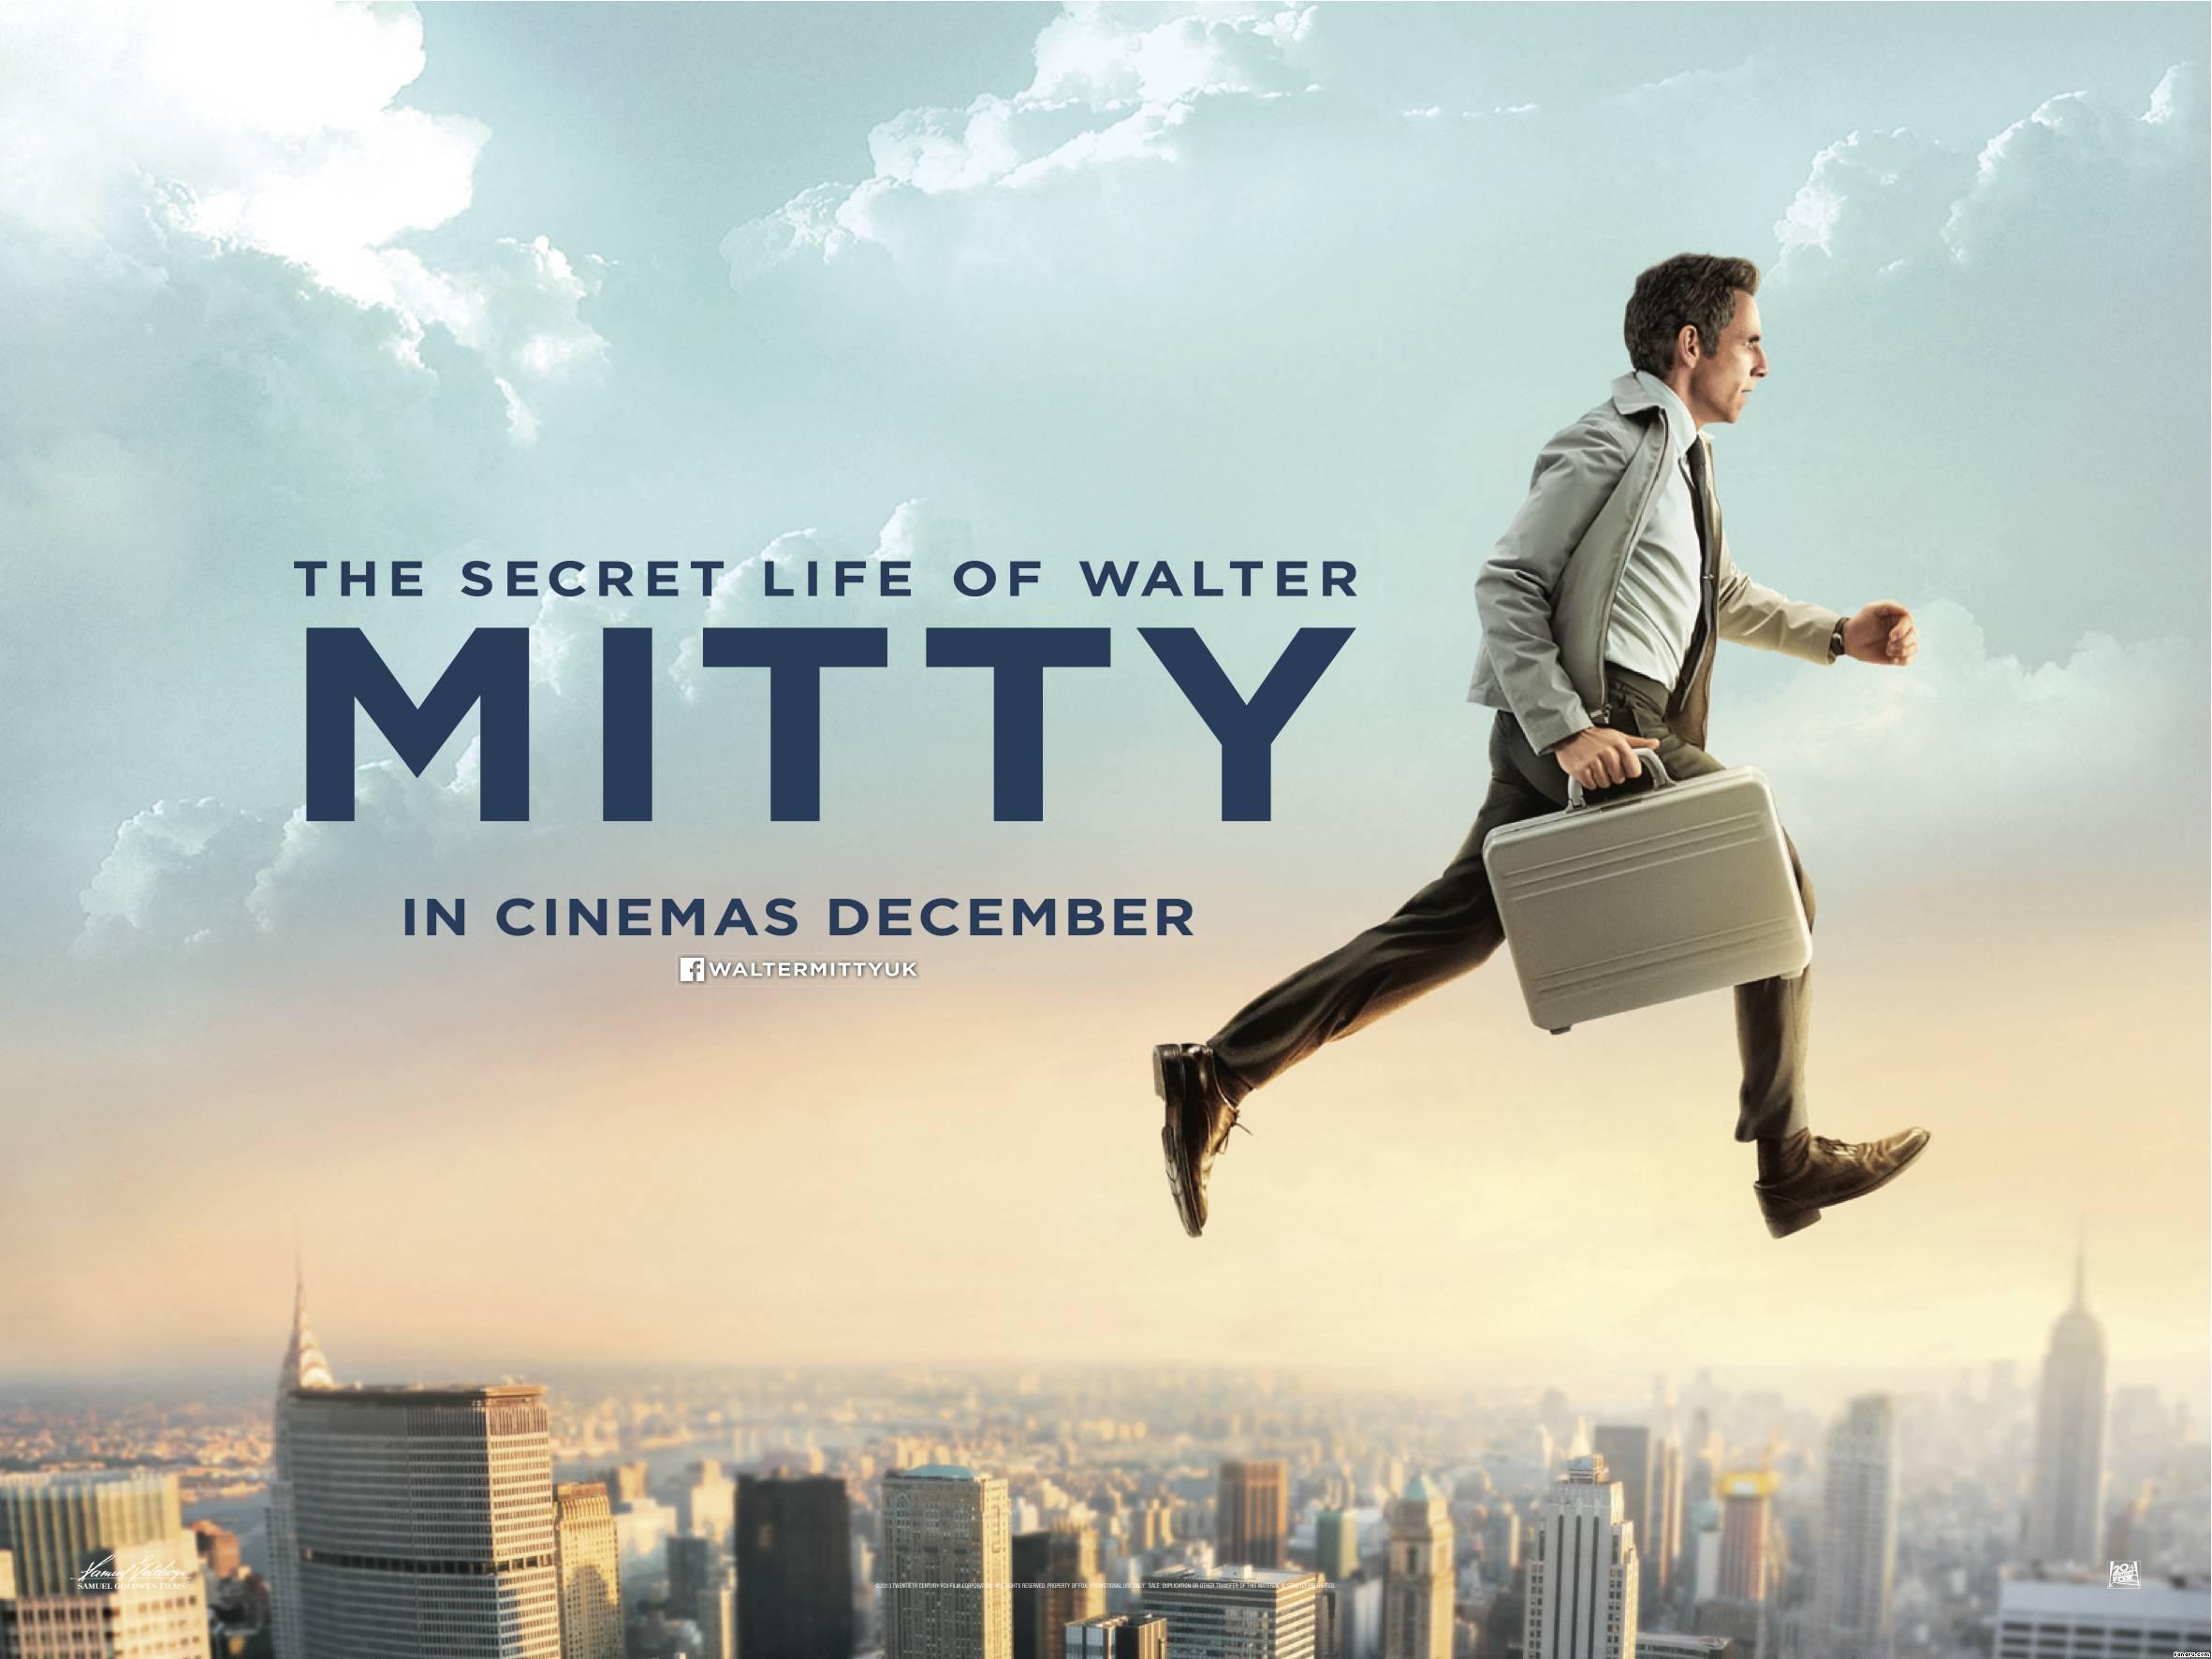 Review: Das erstaunliche Leben des Walter Mitty - TechNChili Blog